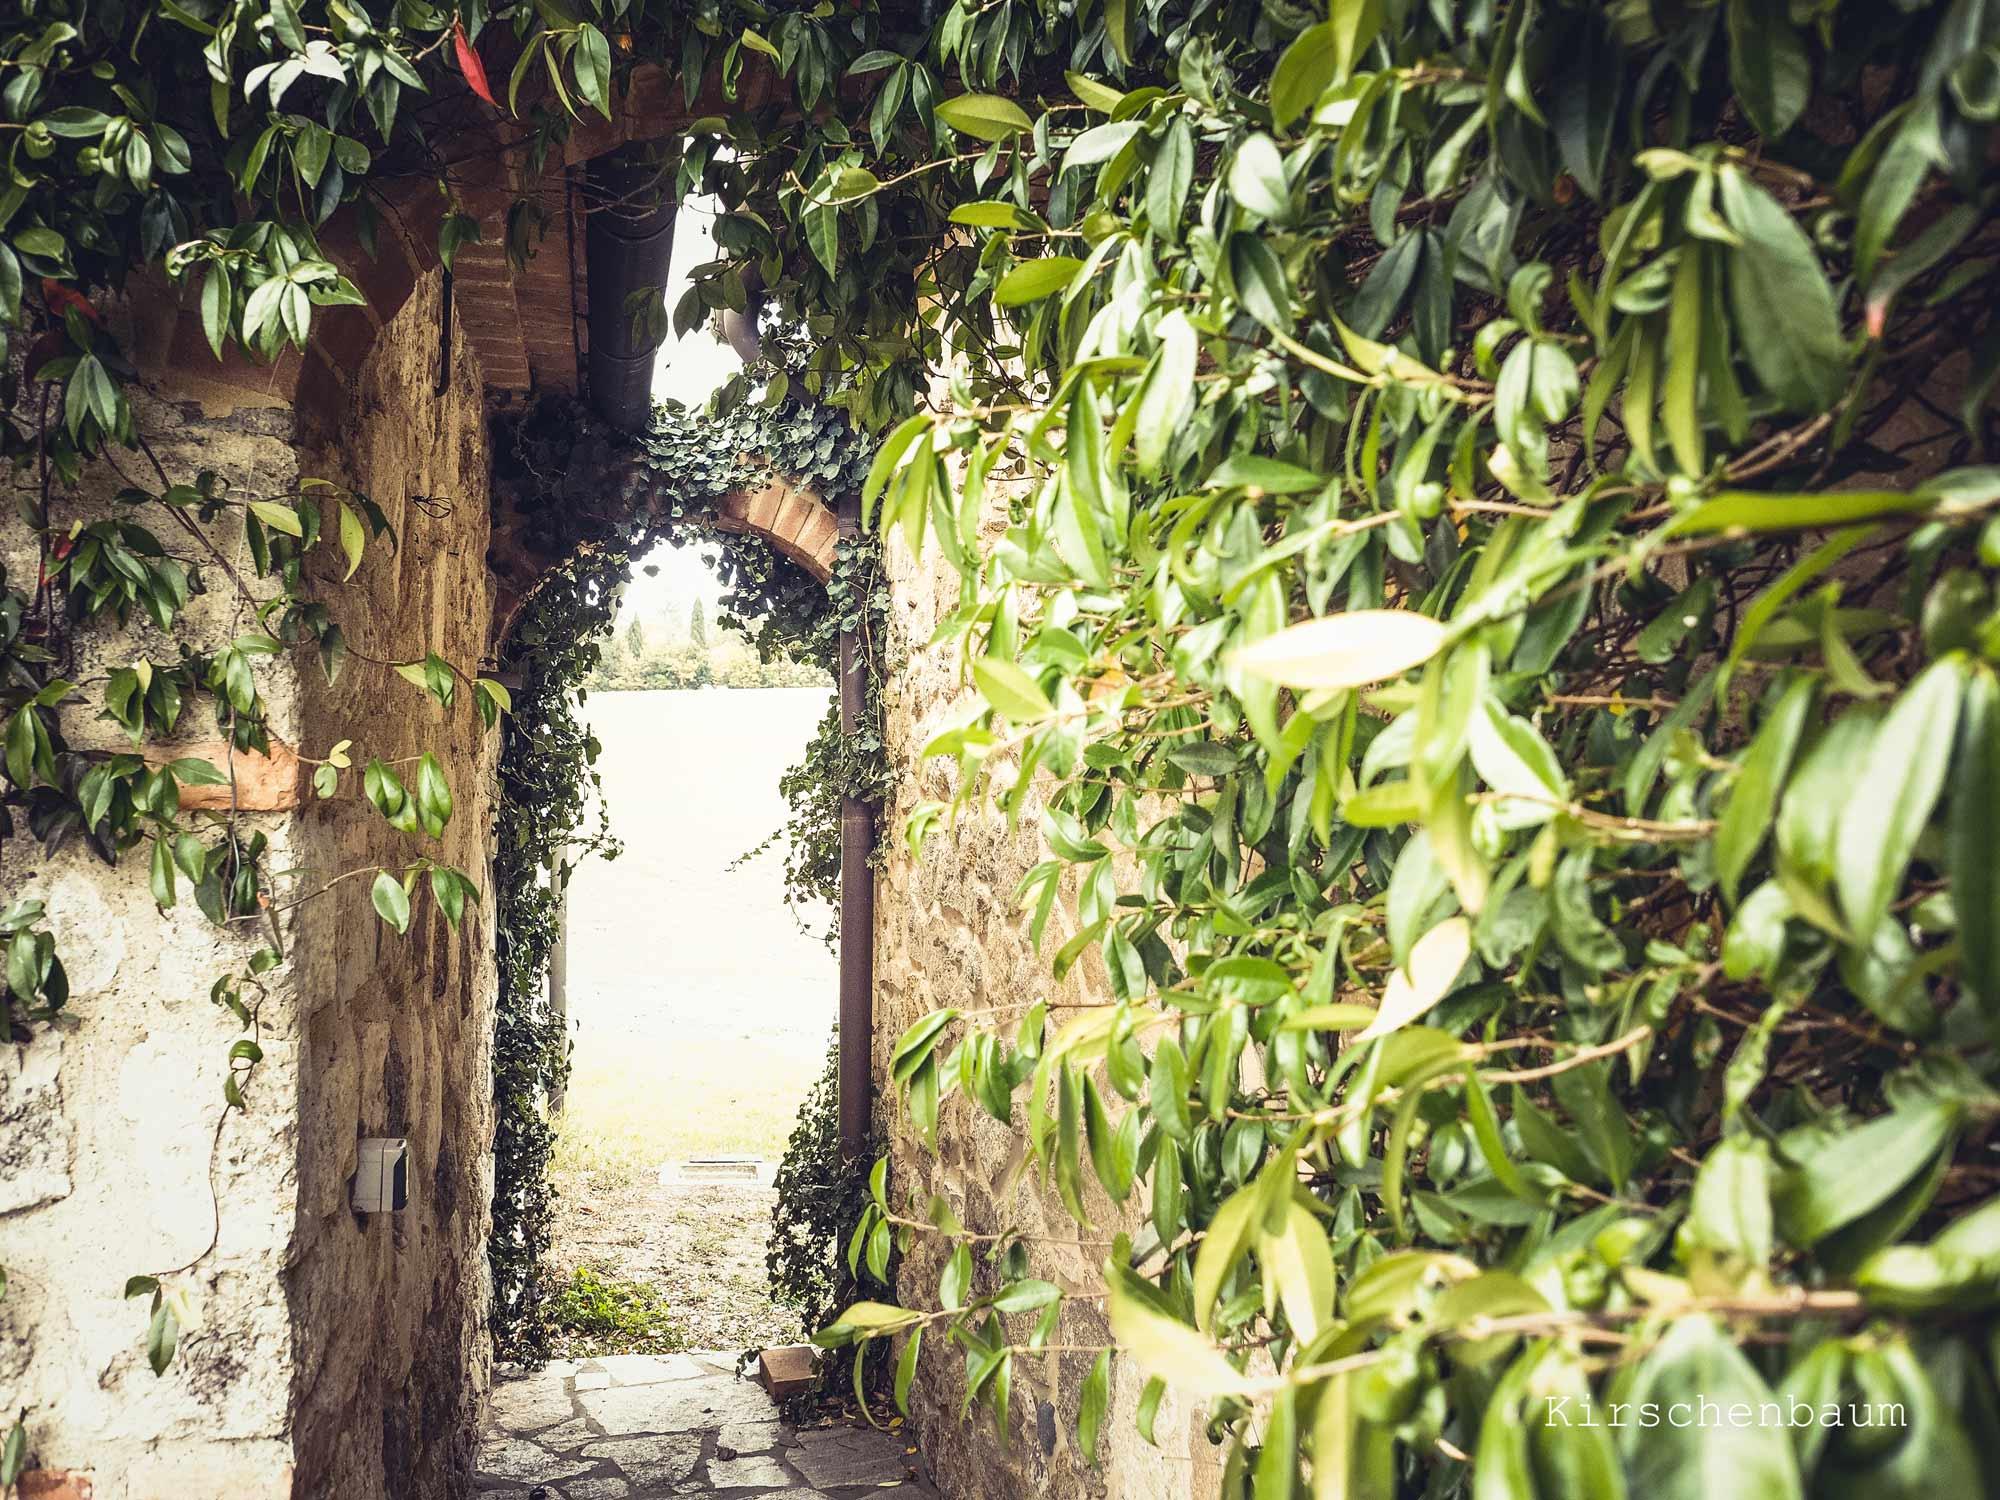 Foto casale in toscana villa toscana blog - Casale in toscana ...